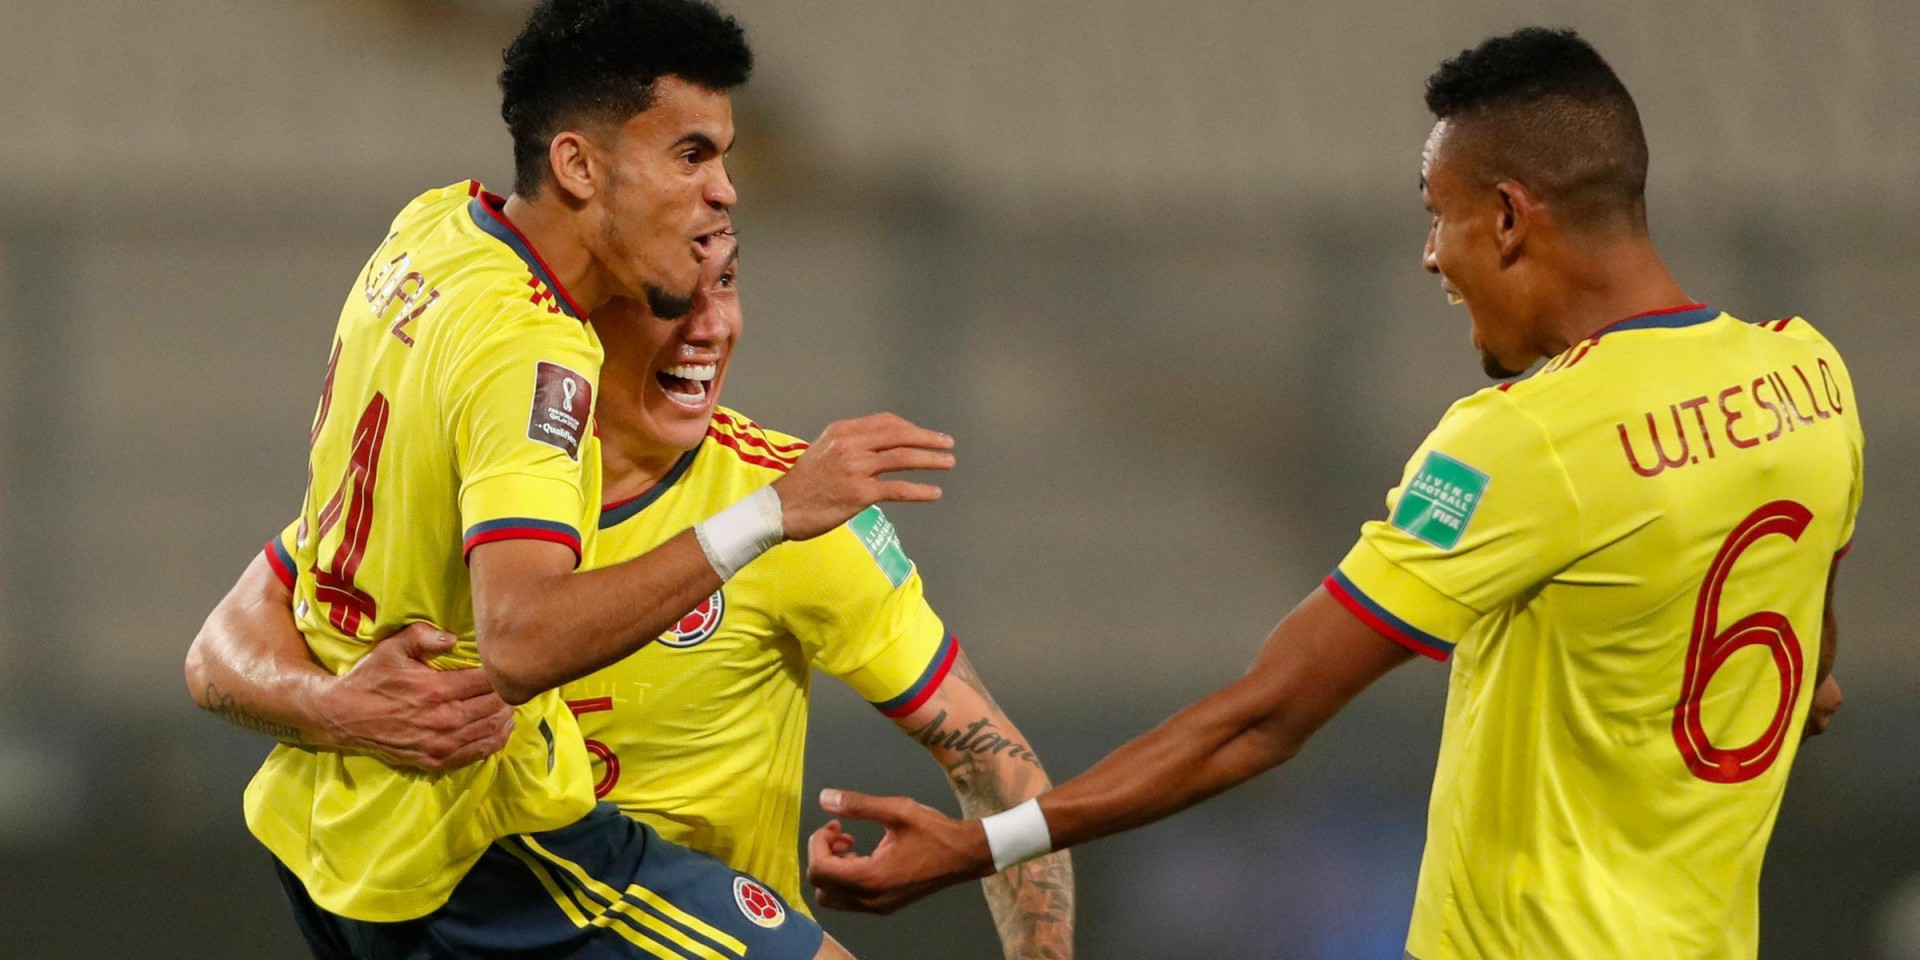 A Colômbia fez valer o favoritismo e venceu o Peru por 3 a 0